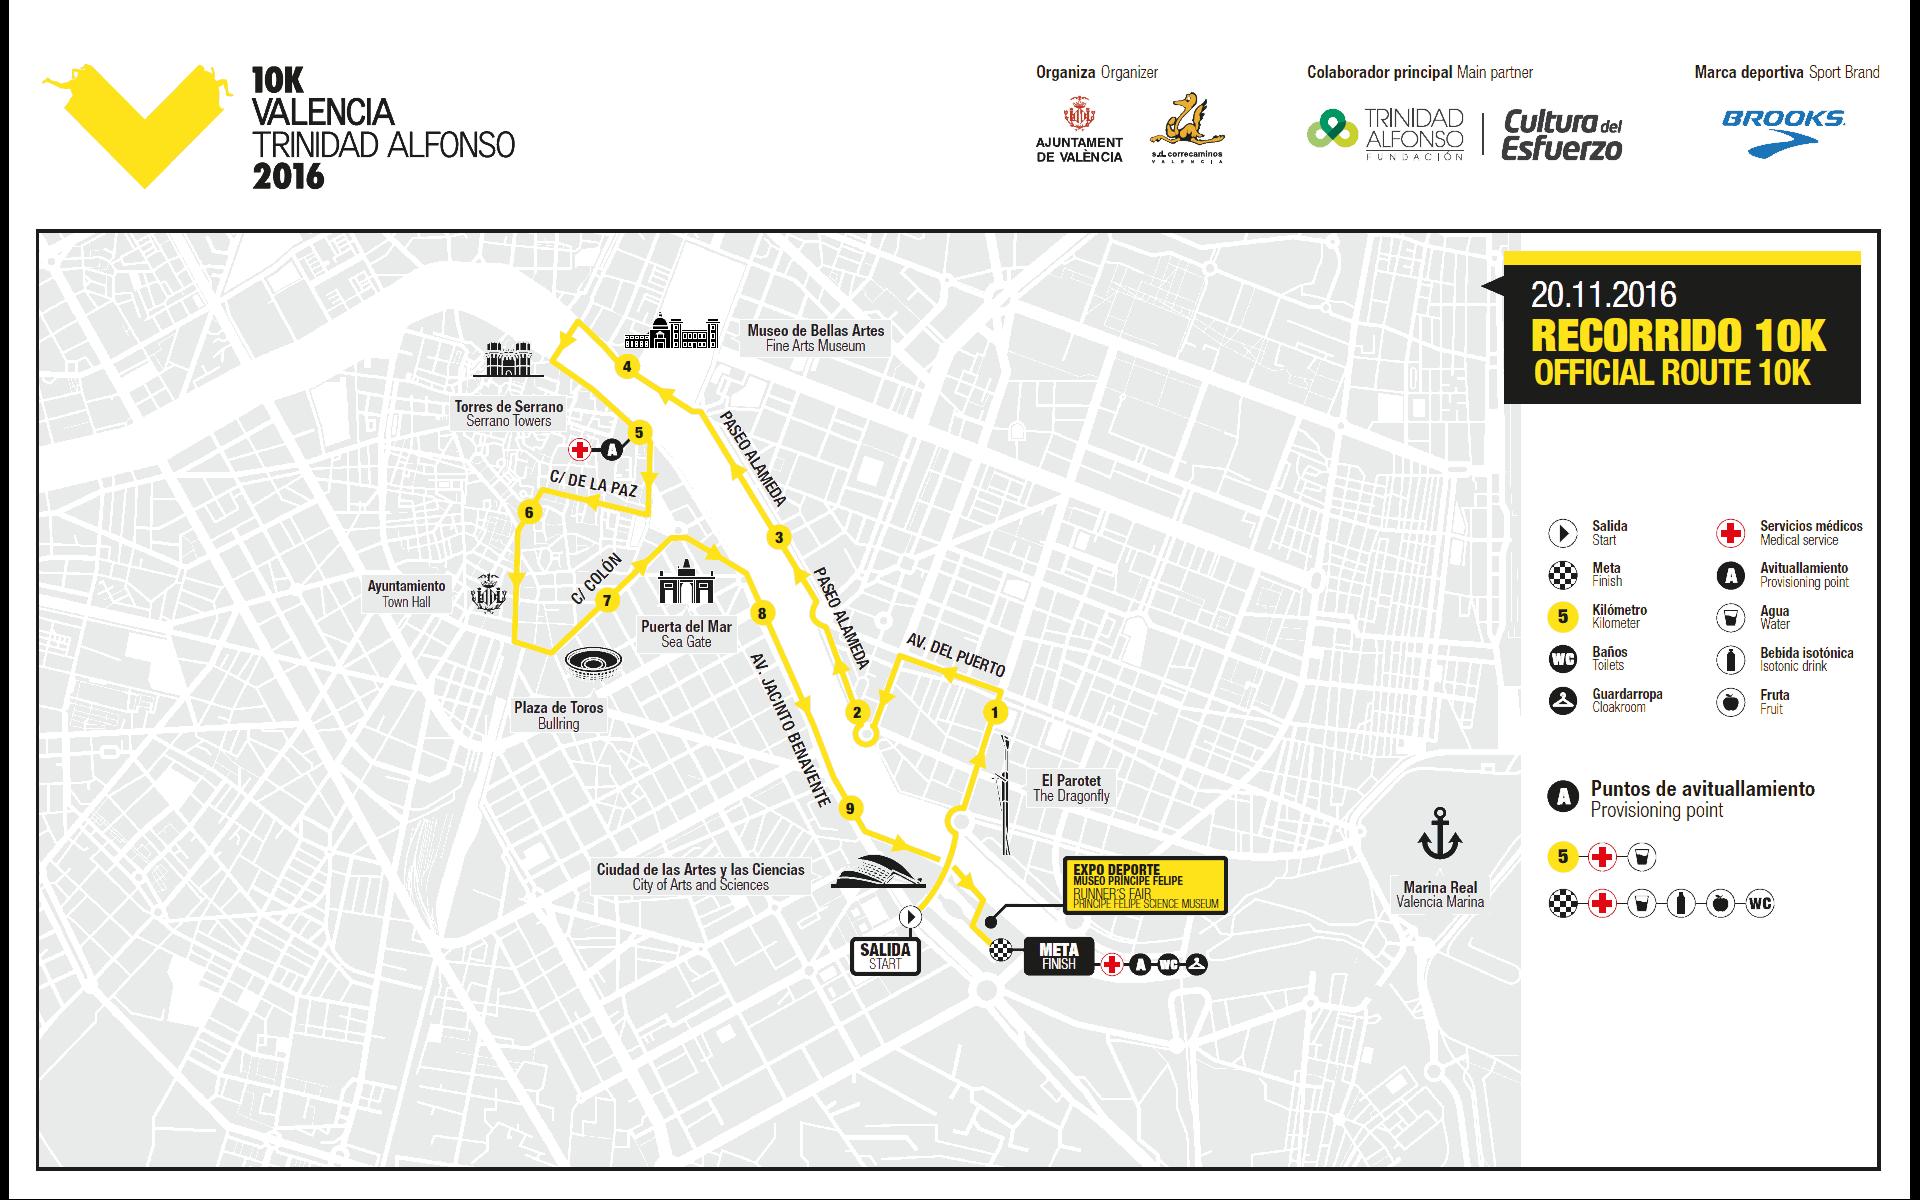 recorrido-10k-2016-1